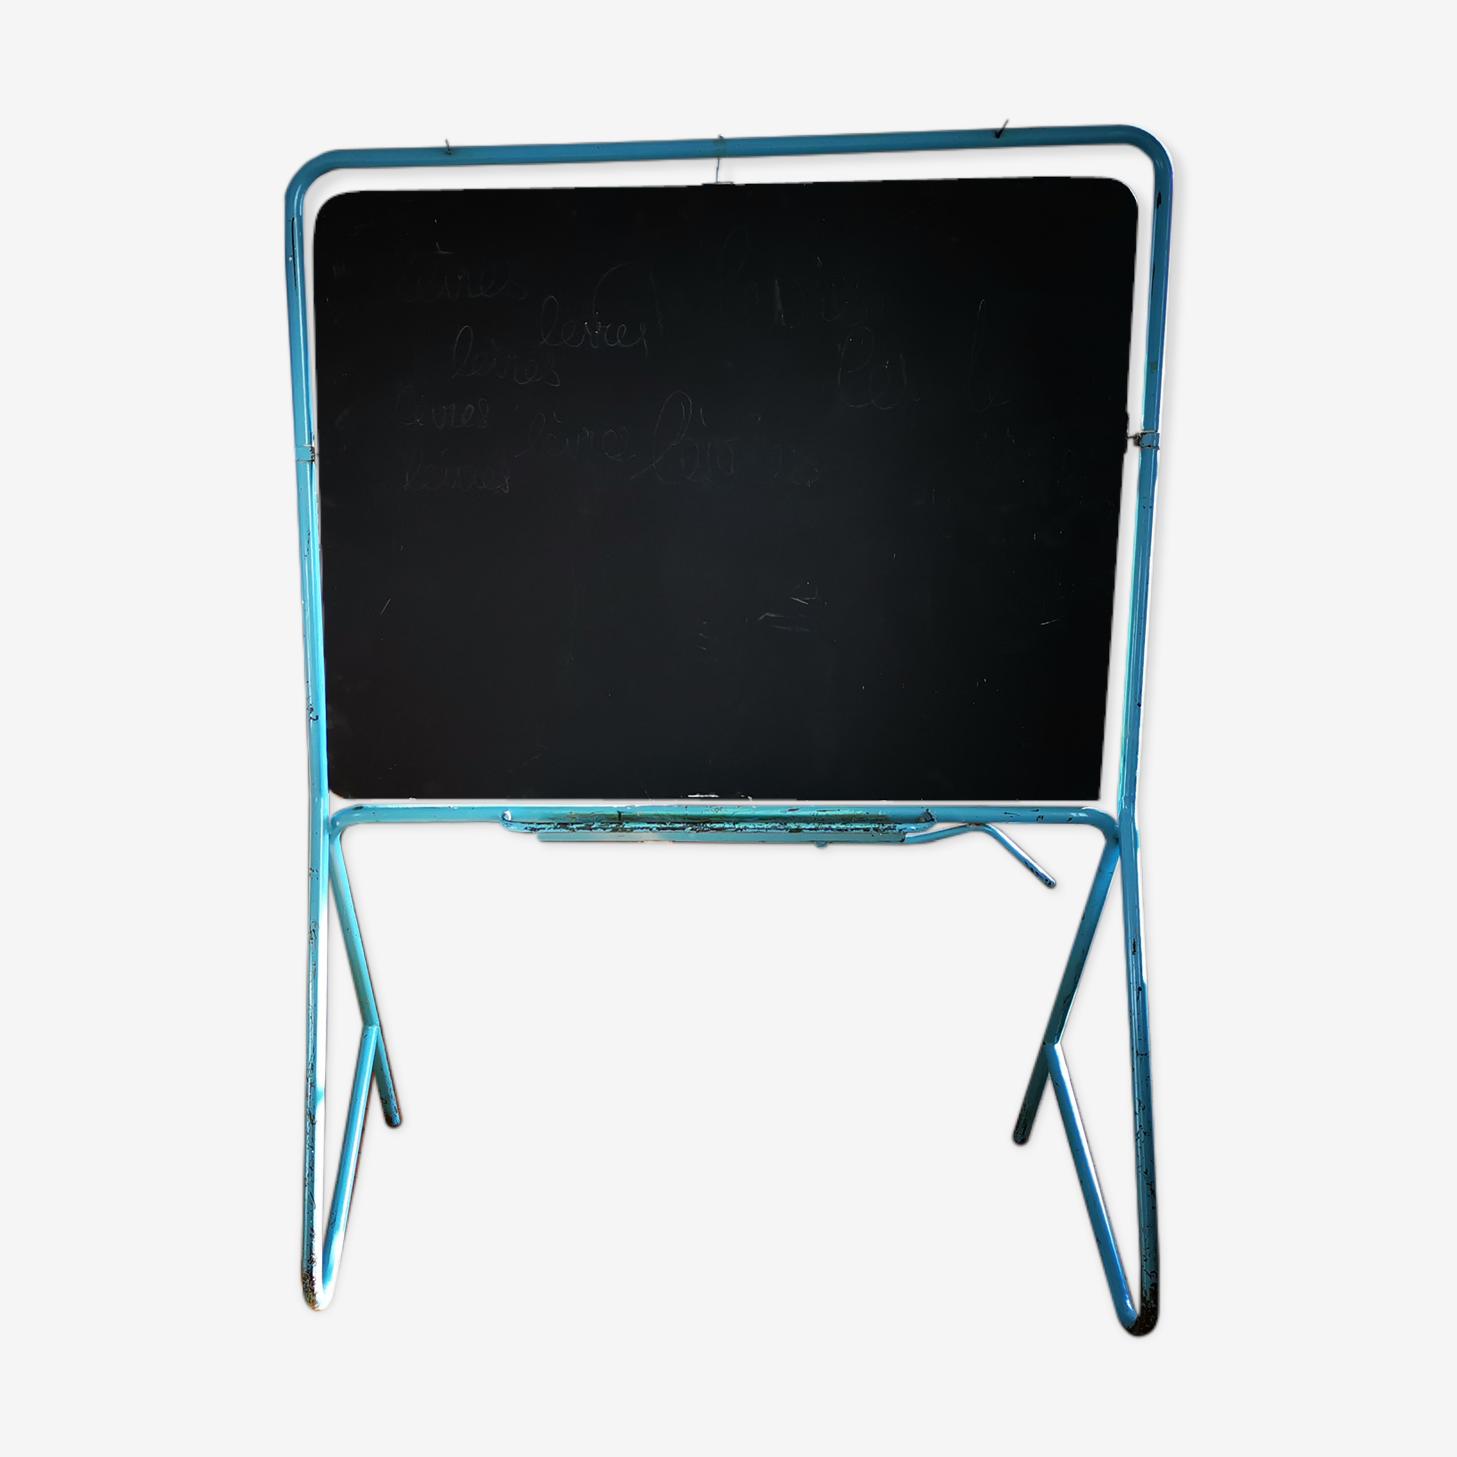 Tableau Noir D Ecole Pivotant Fer Bleu Vintage Zqbjiwq